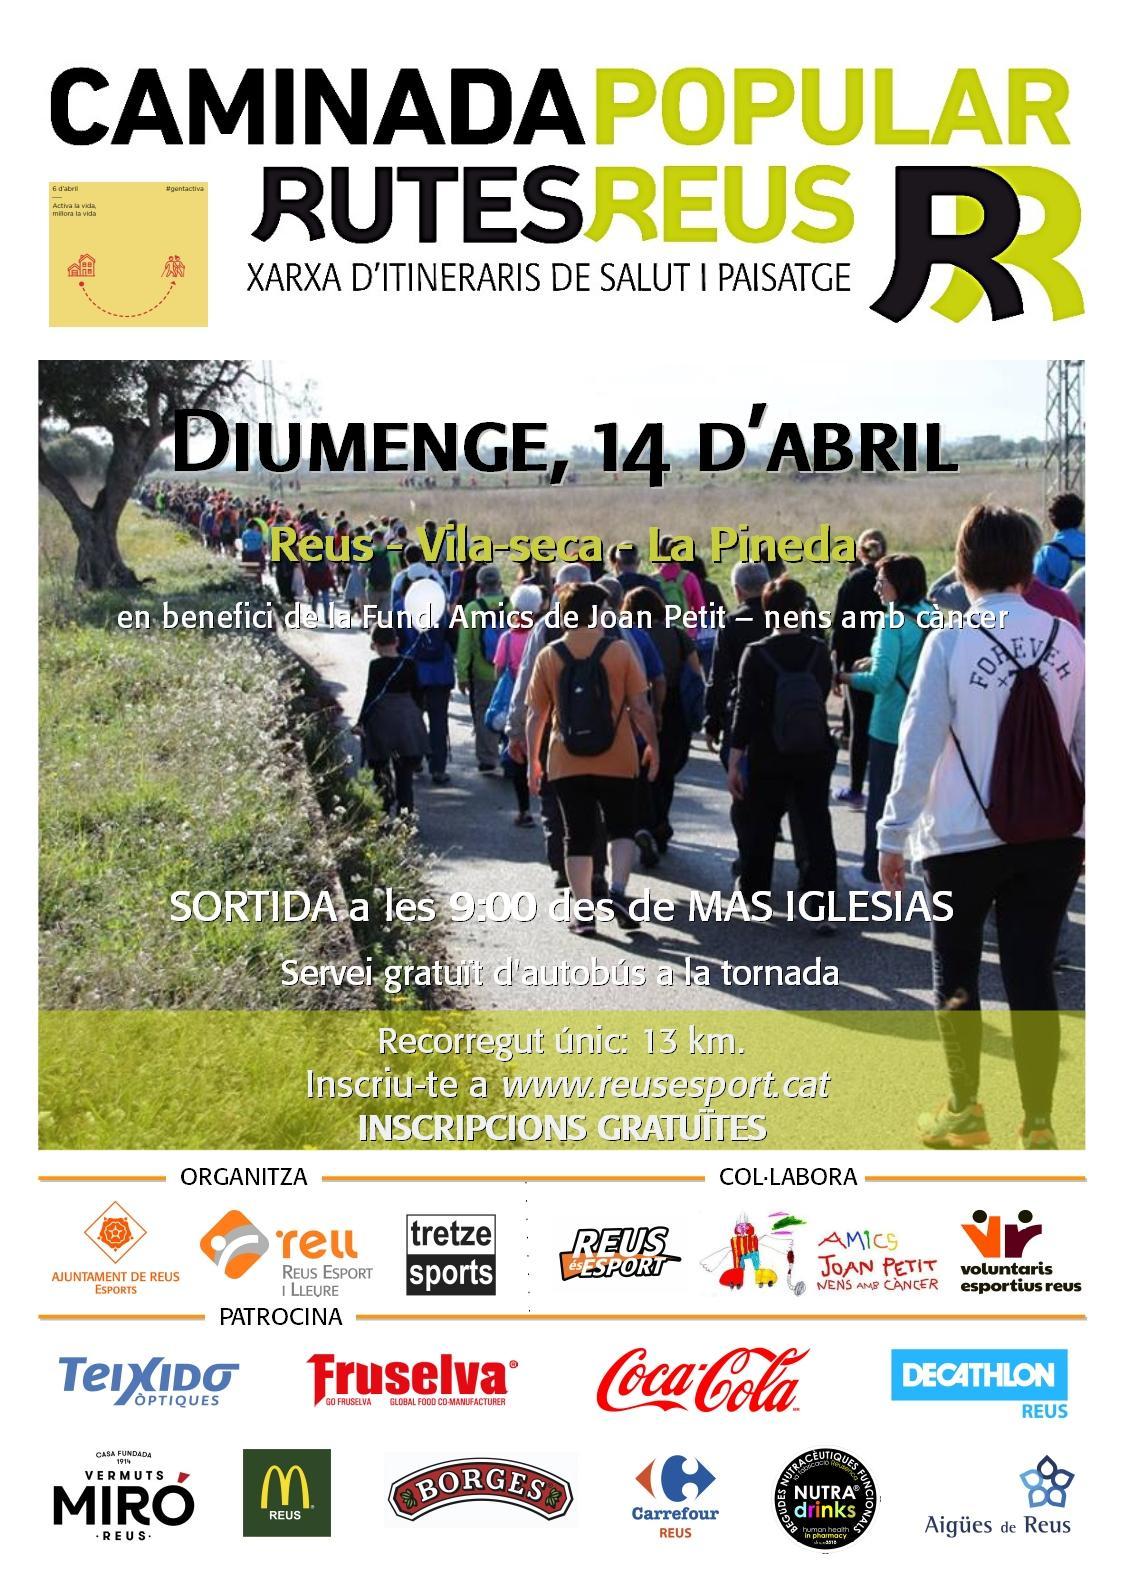 Caminada Popula 14 d'abril